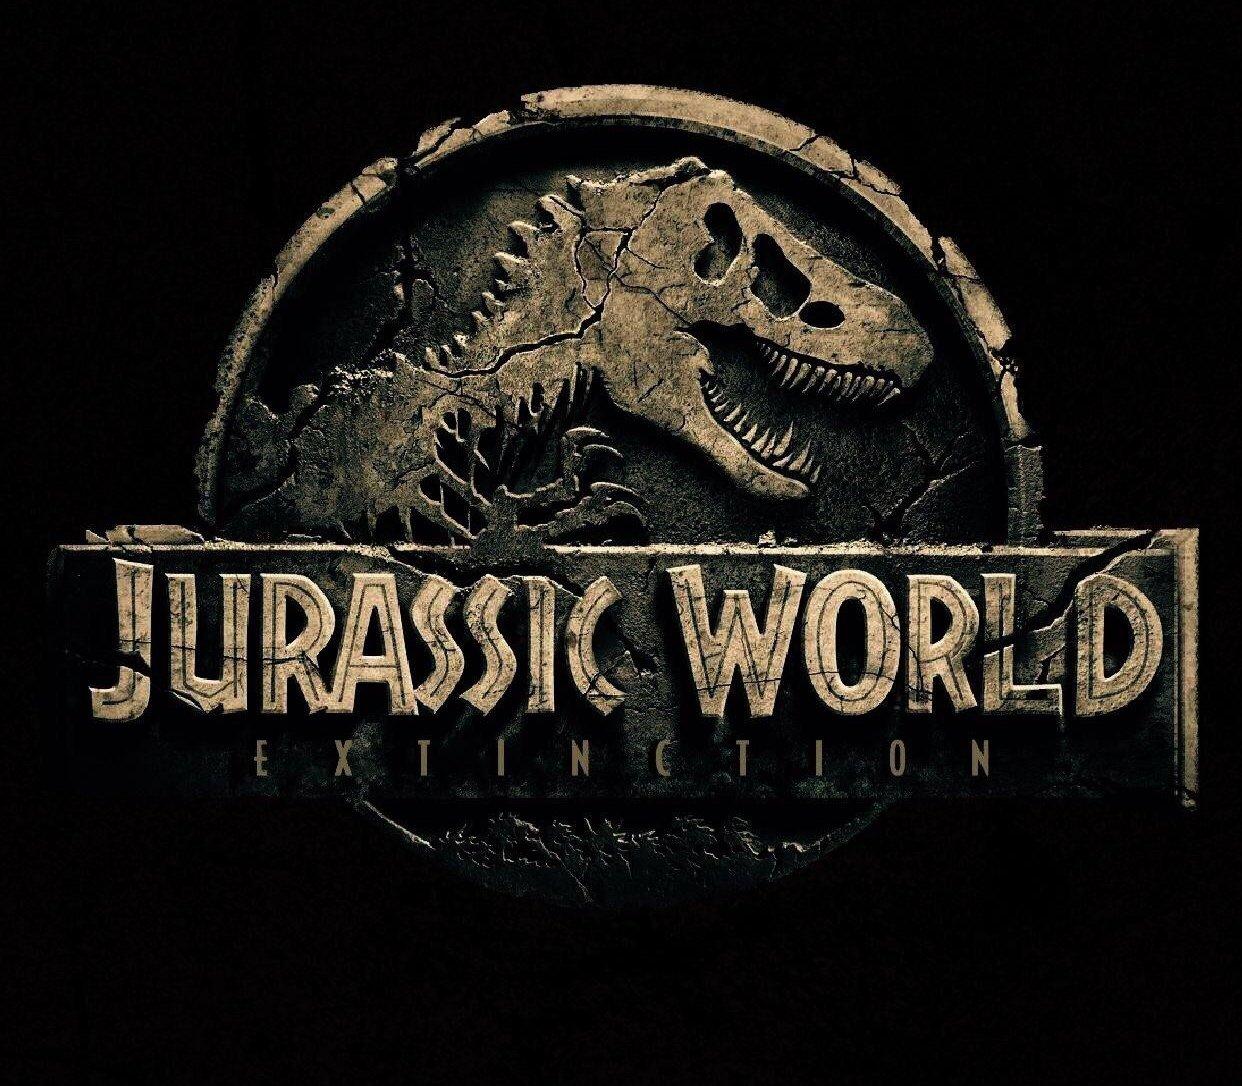 Jurassic World: Extinction